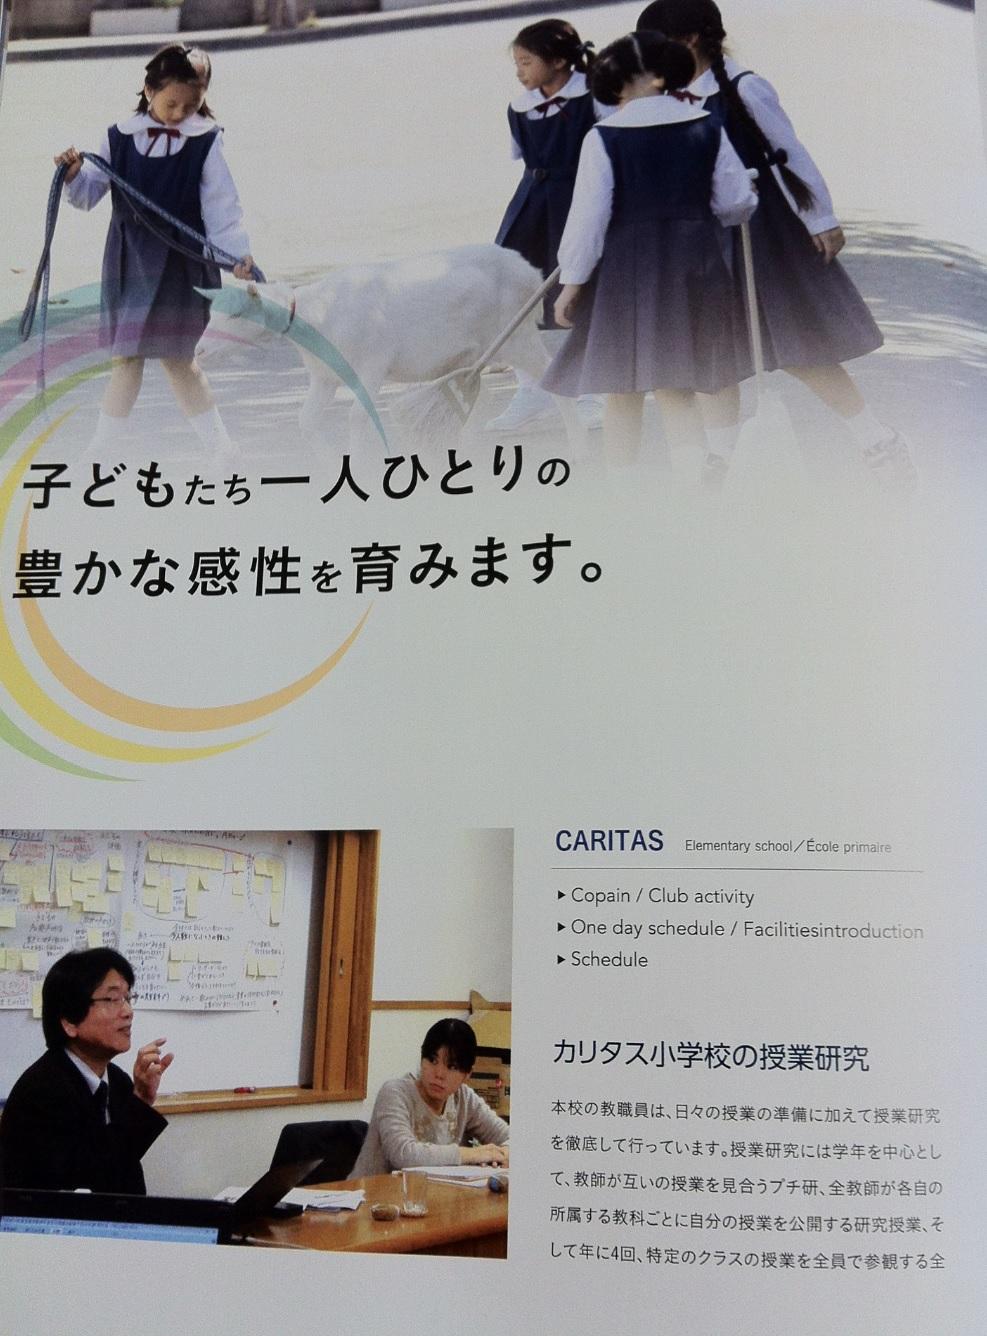 カリタス小学校の学校案内パンフレット(13ページ目)の画像キャプチャ